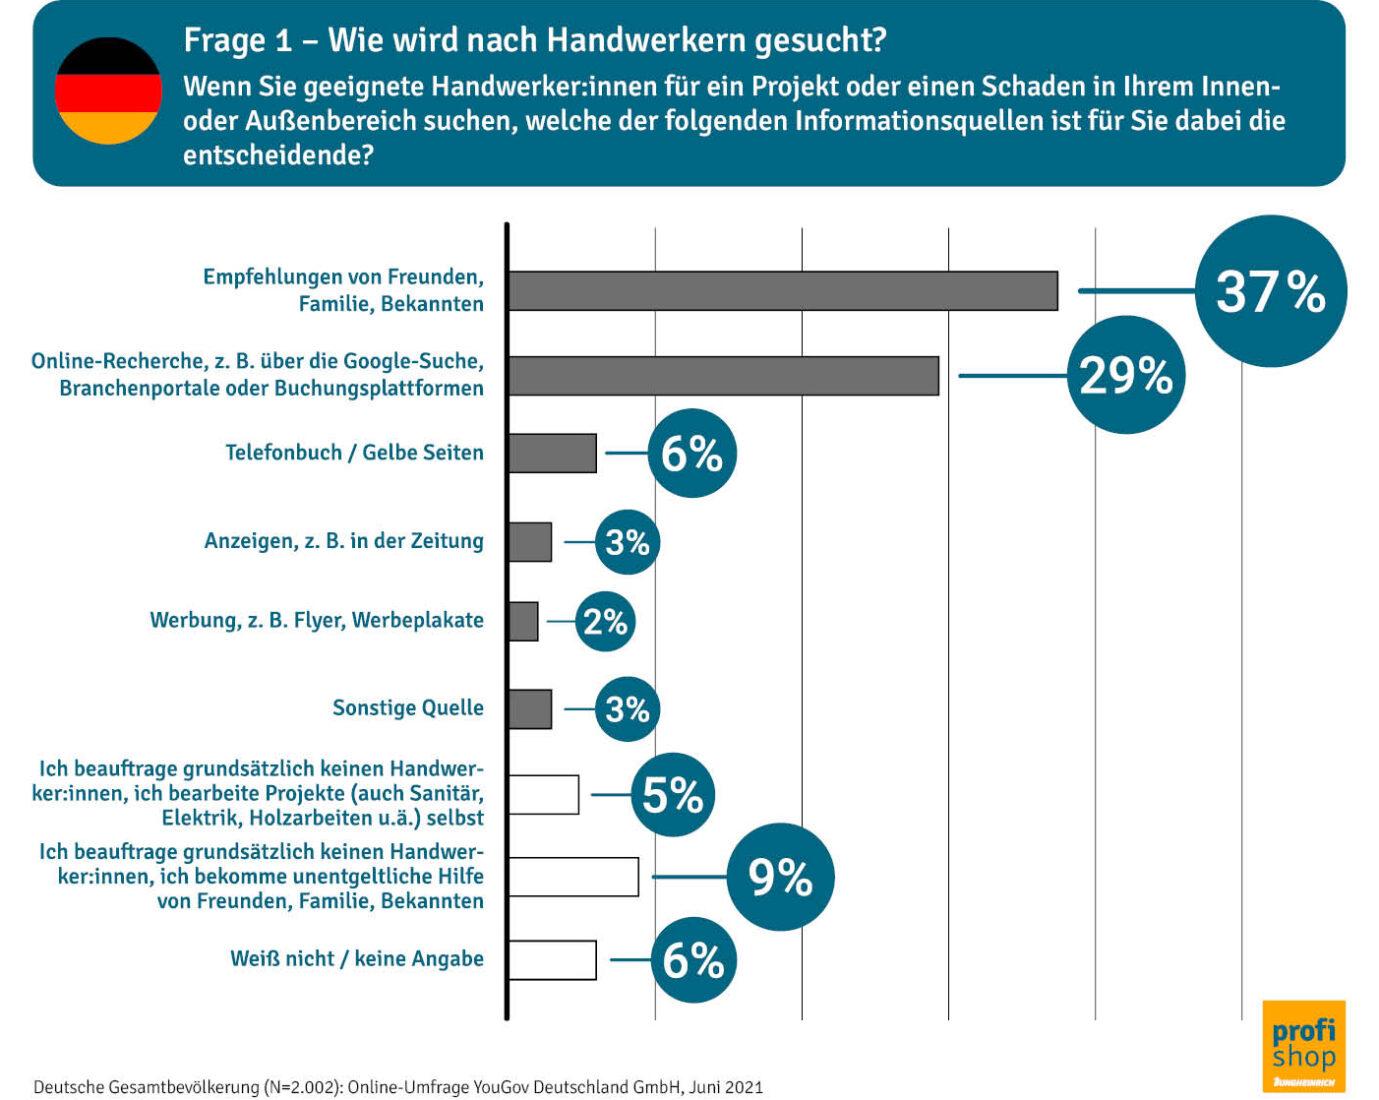 Empfehlungen spielen für Folgeaufträge eine zentrale Rolle. Alle Grafiken: www.jh-profishop.de